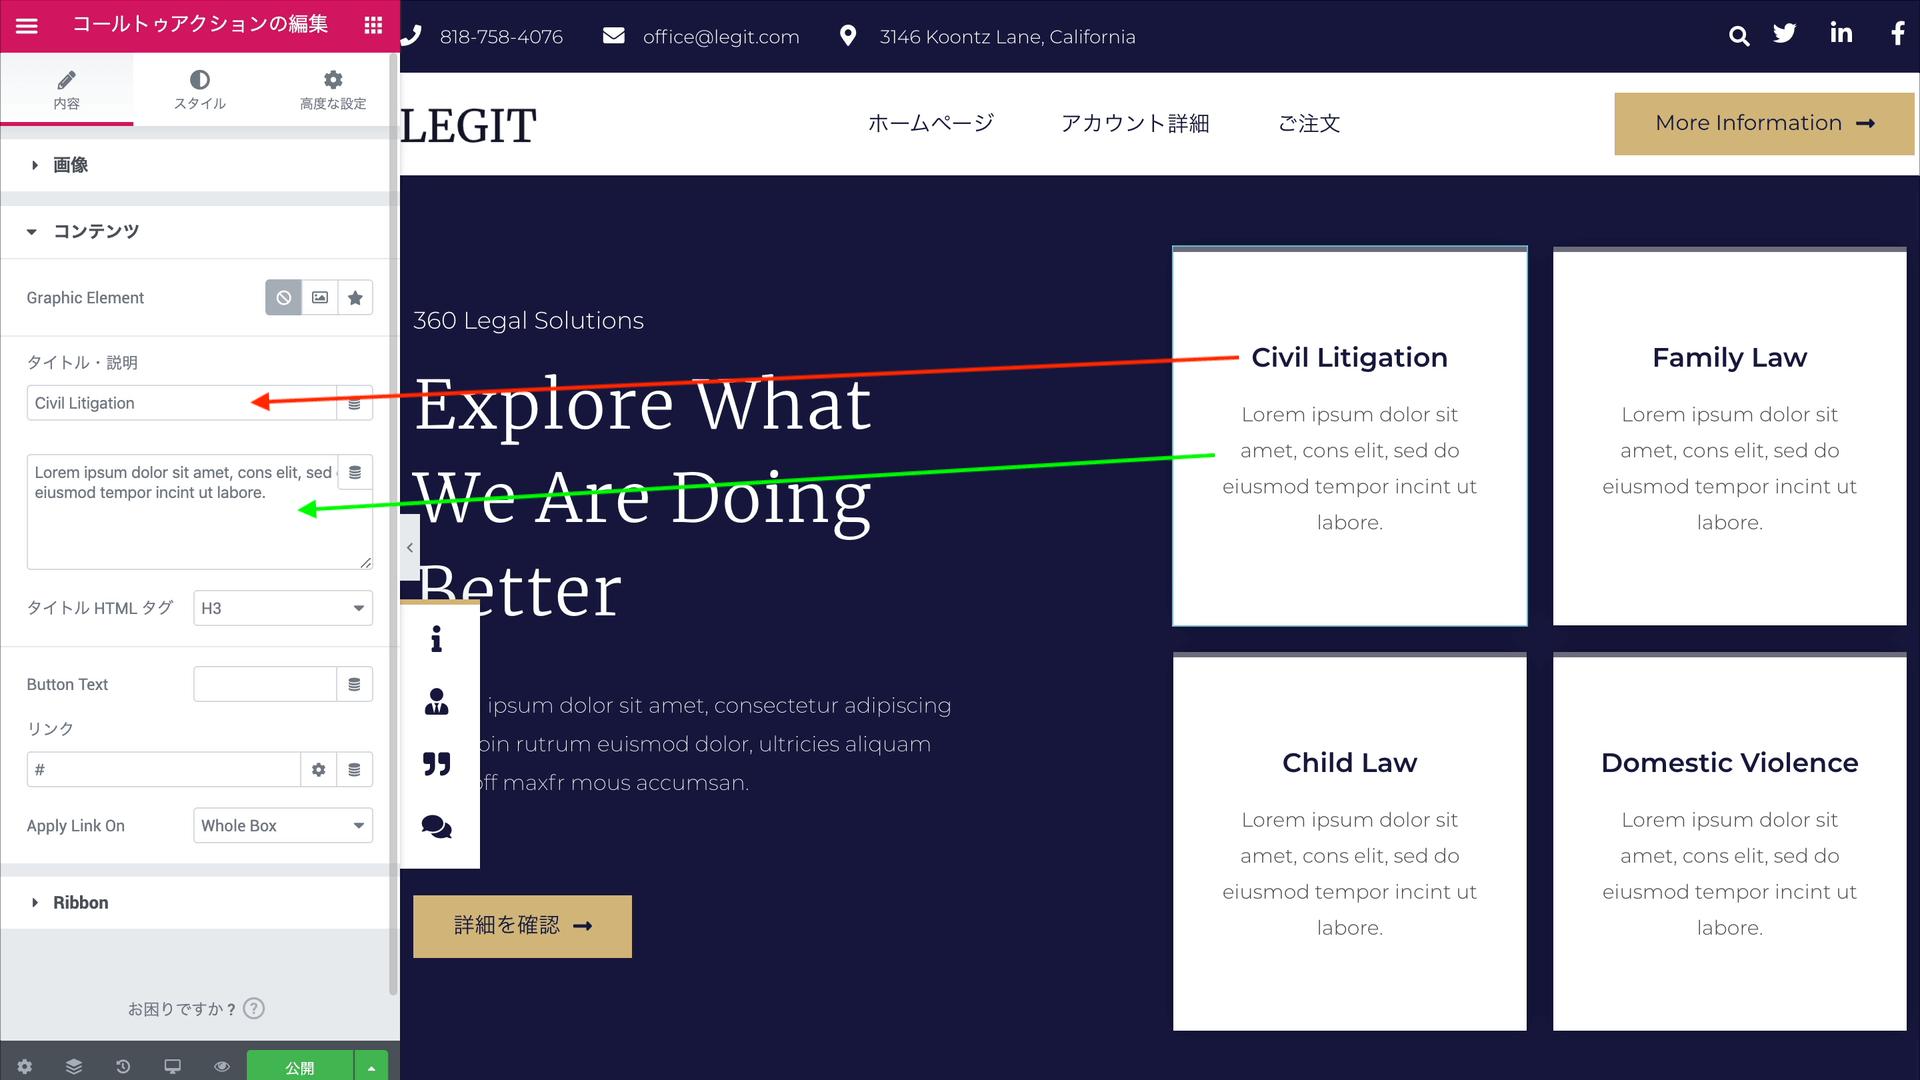 コールトゥーアクションウィジェットの文言を変更する